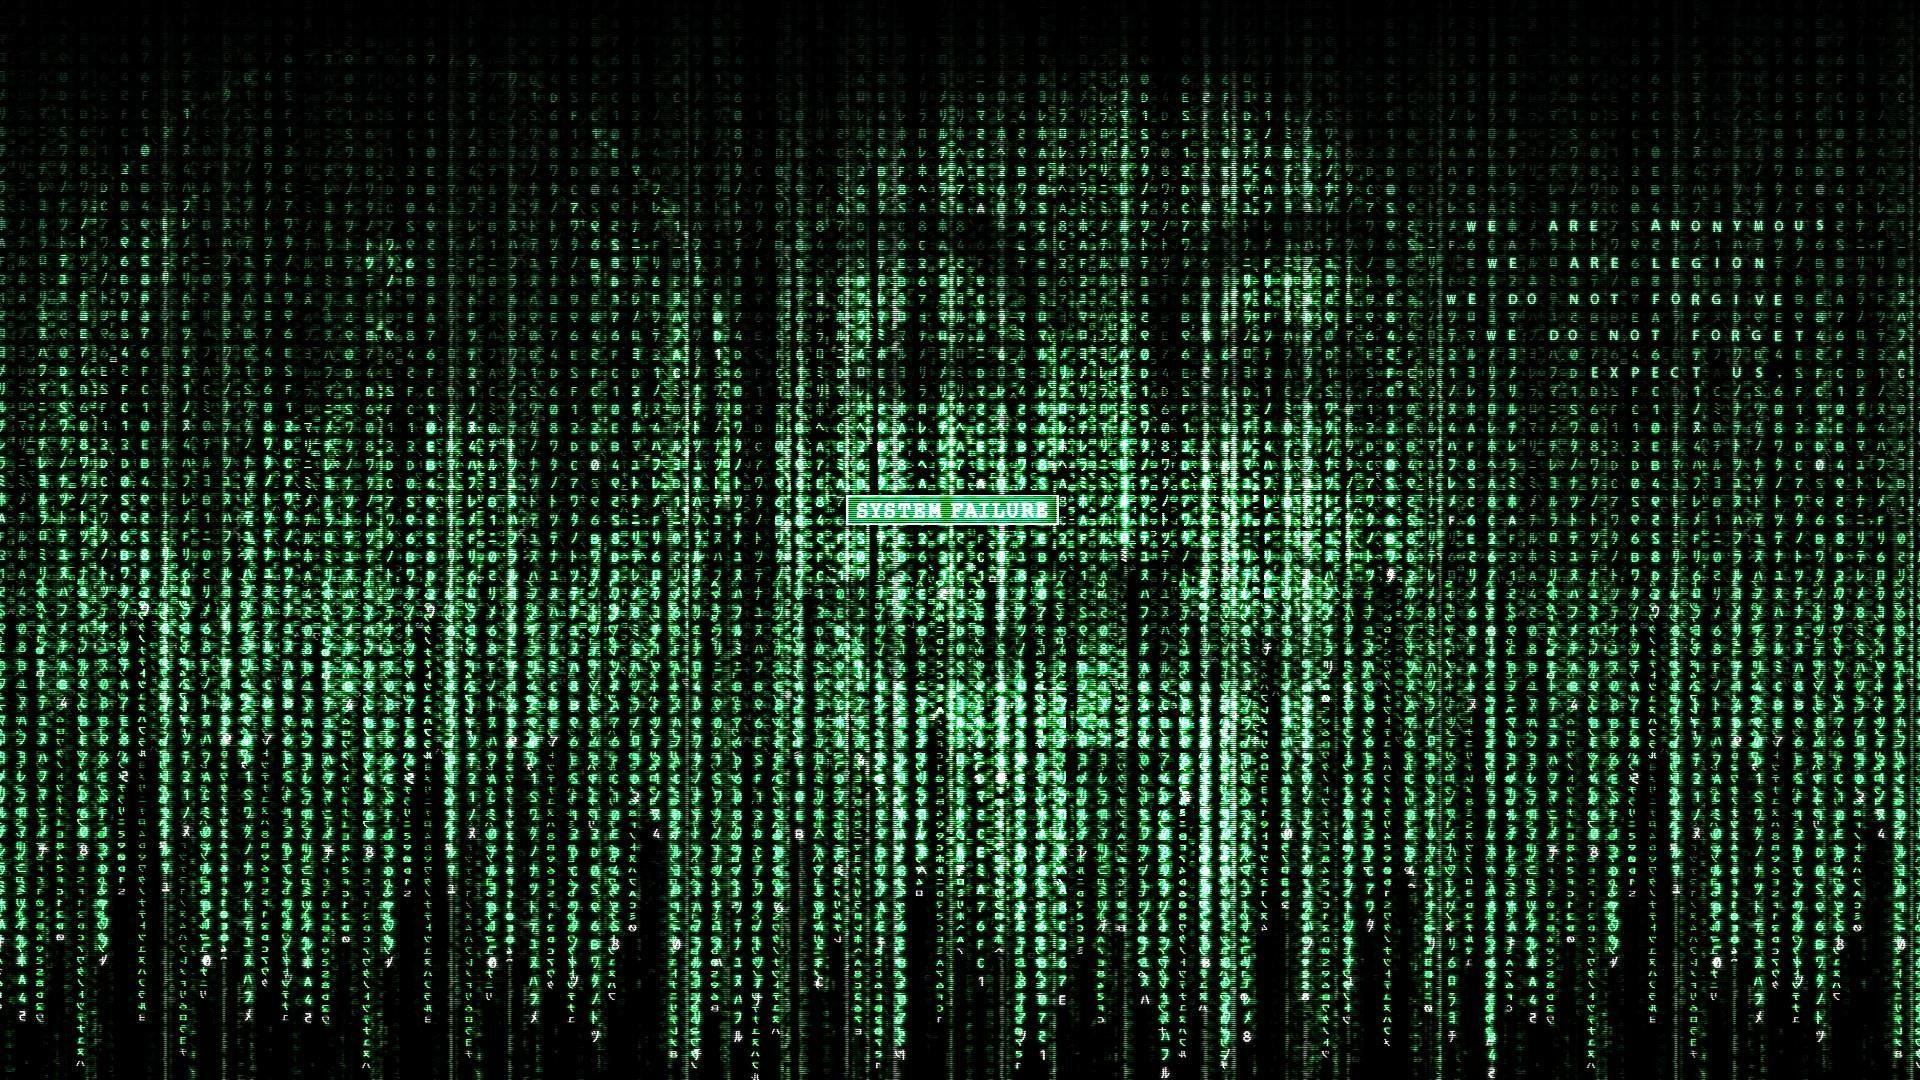 Matrix got Windows HD desktop wallpaper : High Definition 1017×764 Matrix  Wallpaper (36